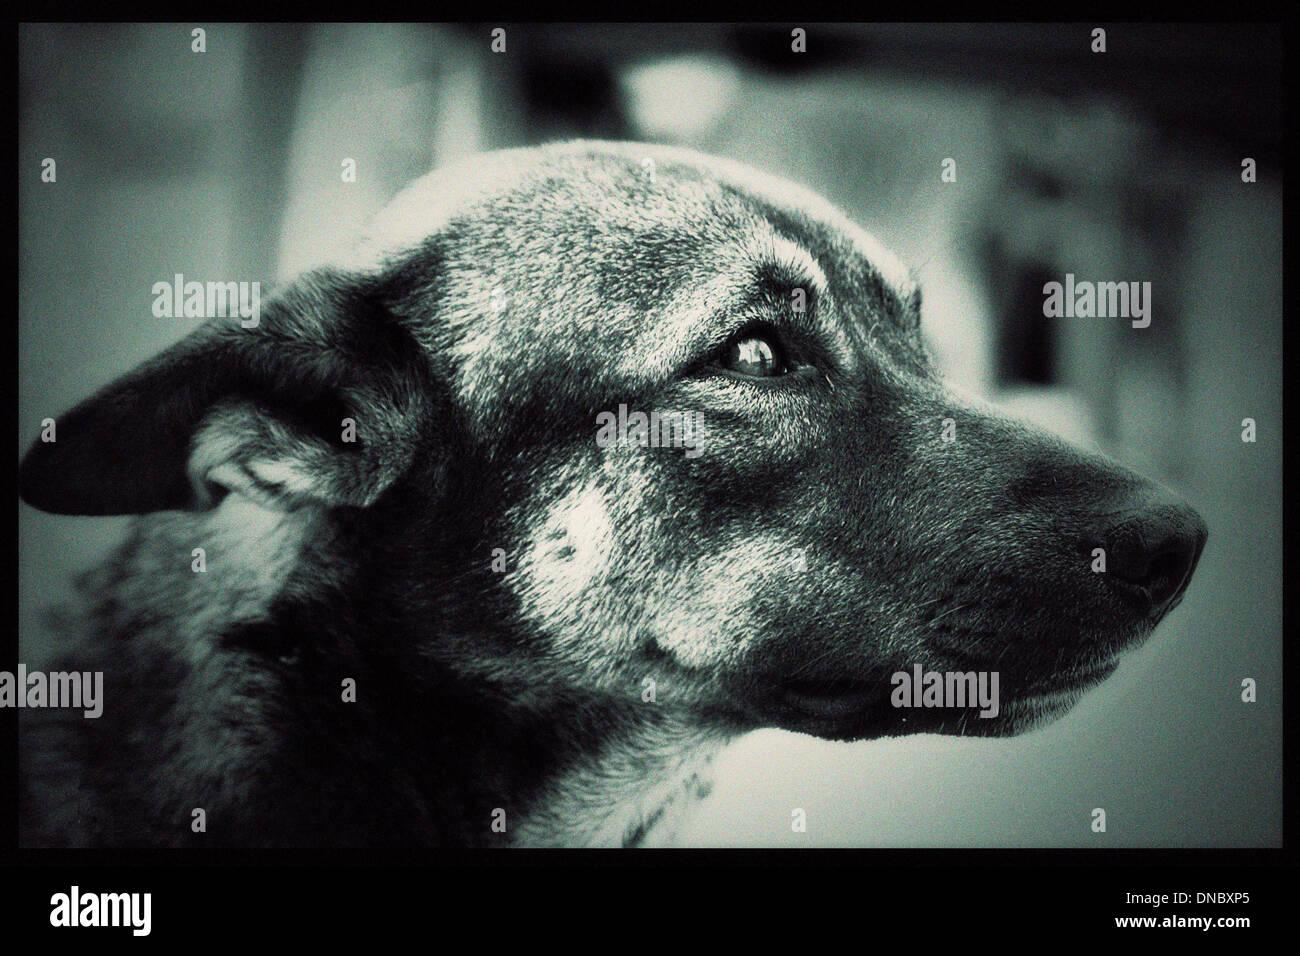 Chien animal stare look eyes B/W noir et blanc nez oreilles souris portrait Photo Stock